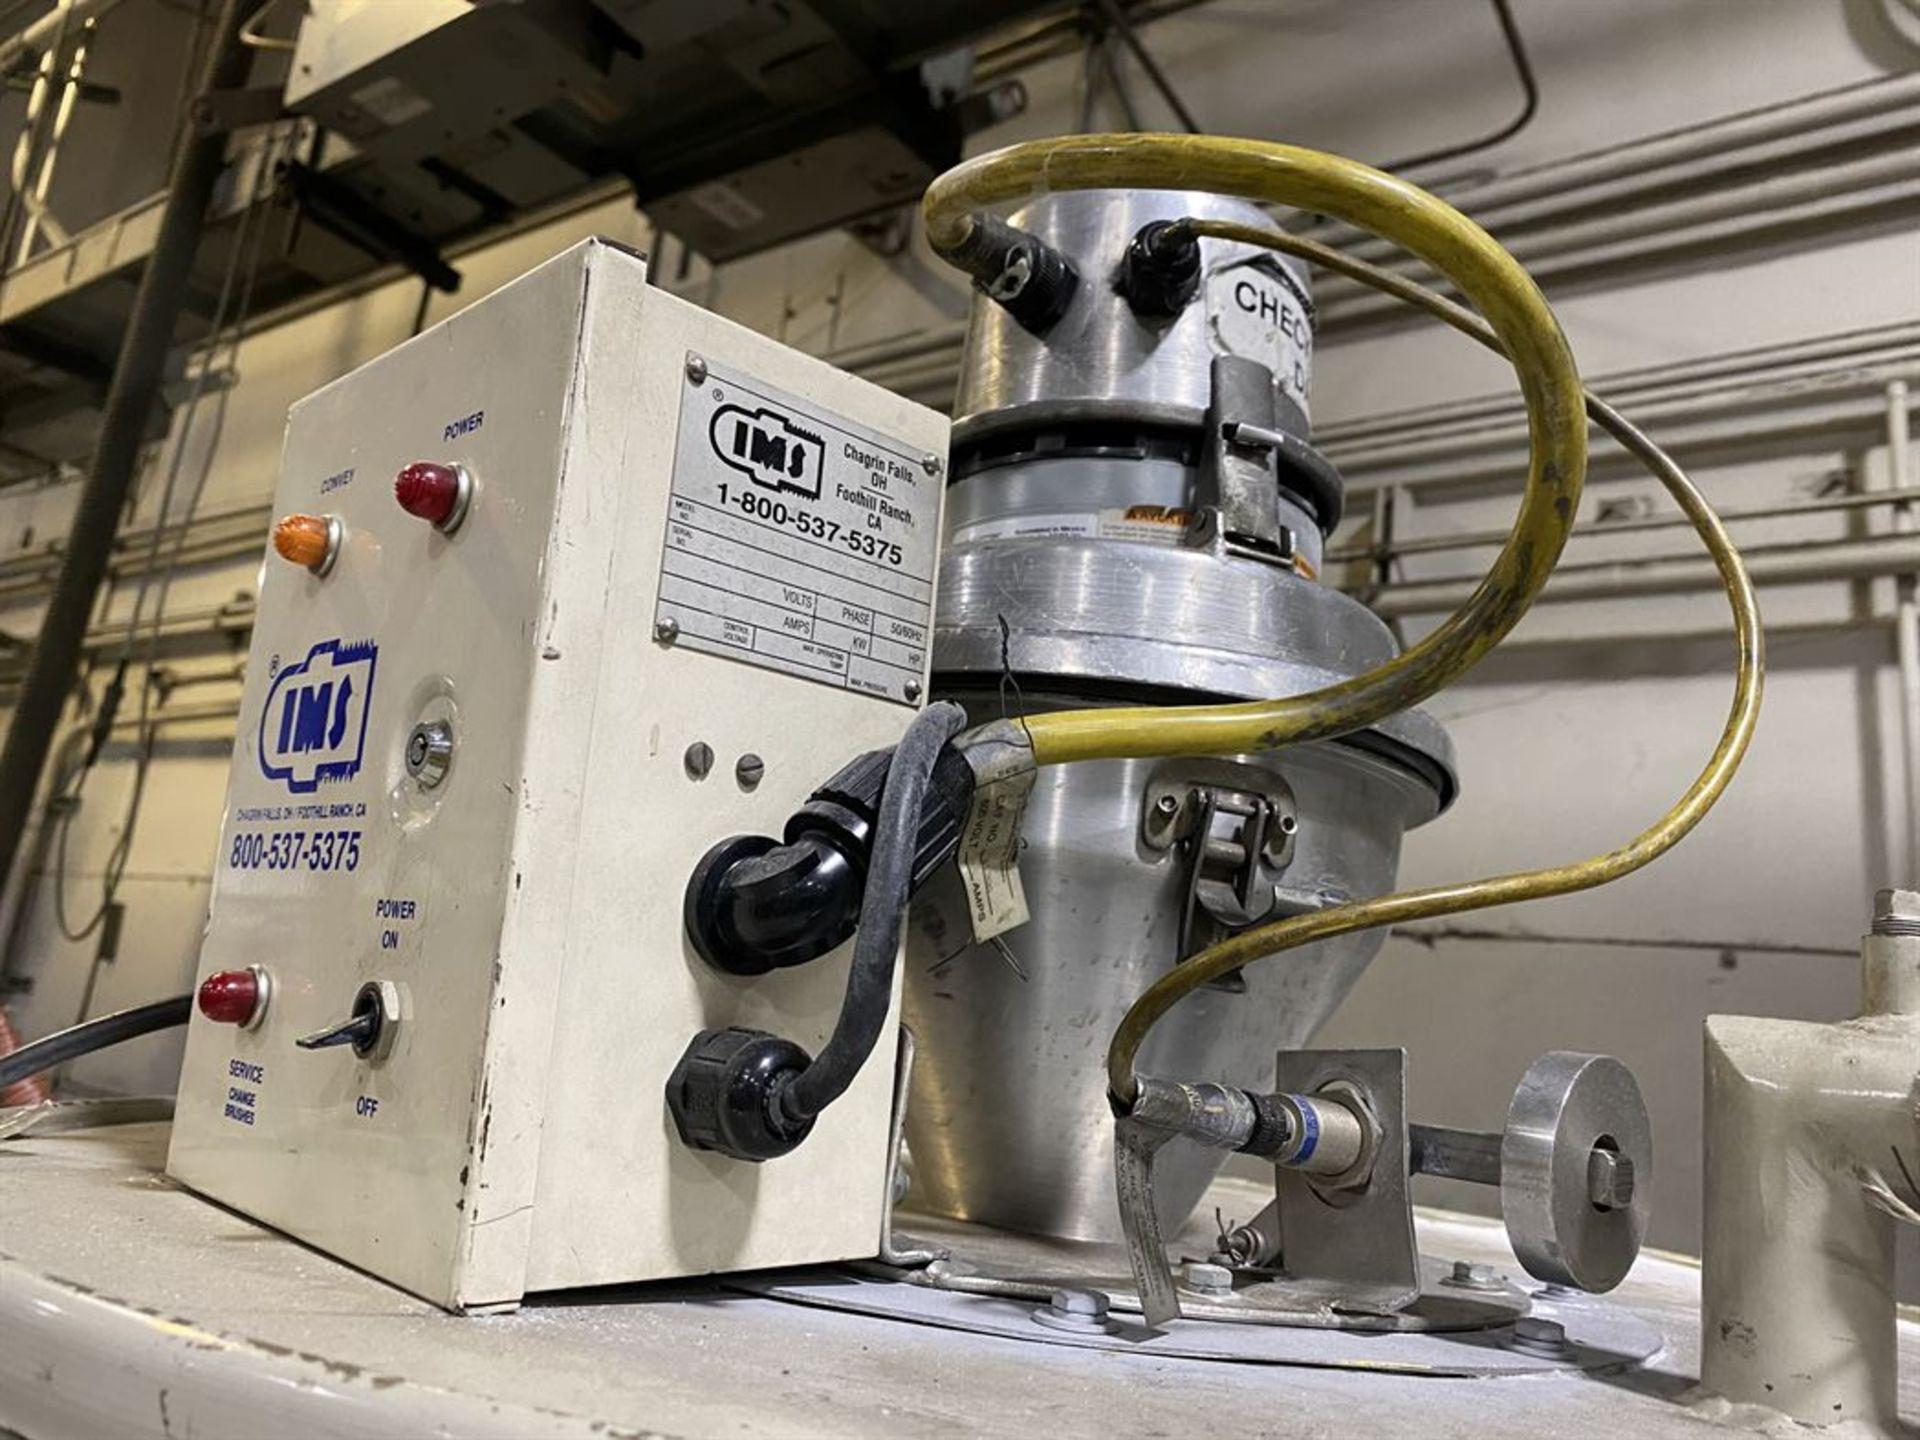 Lot 211 - Cincinnati Milacron DD-110 Hopper Dryer System, s/n 3933A02-02-21, w/ Vacuum Loader